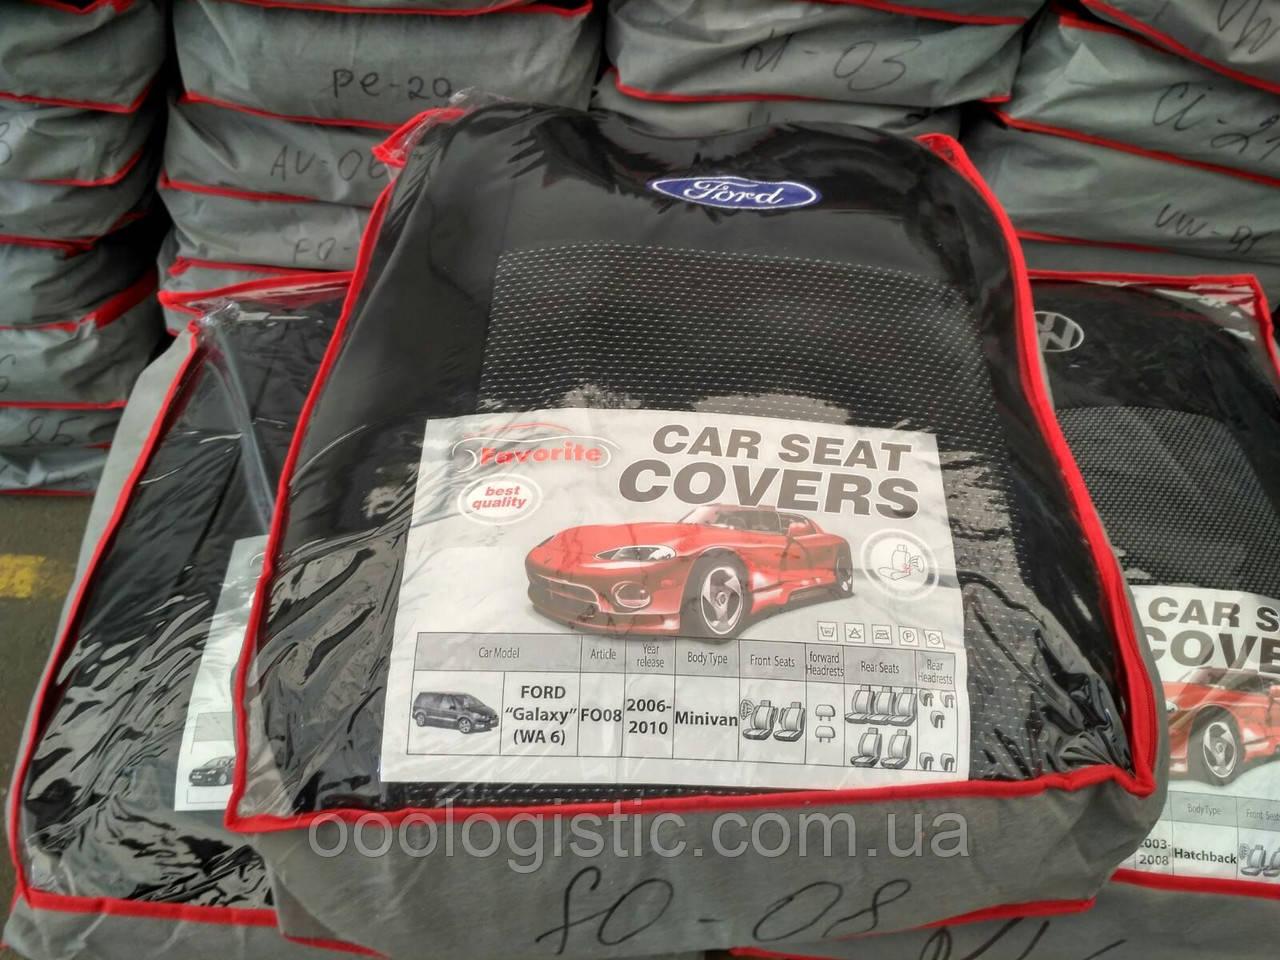 Авточохли Favorite на Ford Galaxy 2006-2010 мінівен,Форд Галаксі 2006-2010 мінівен